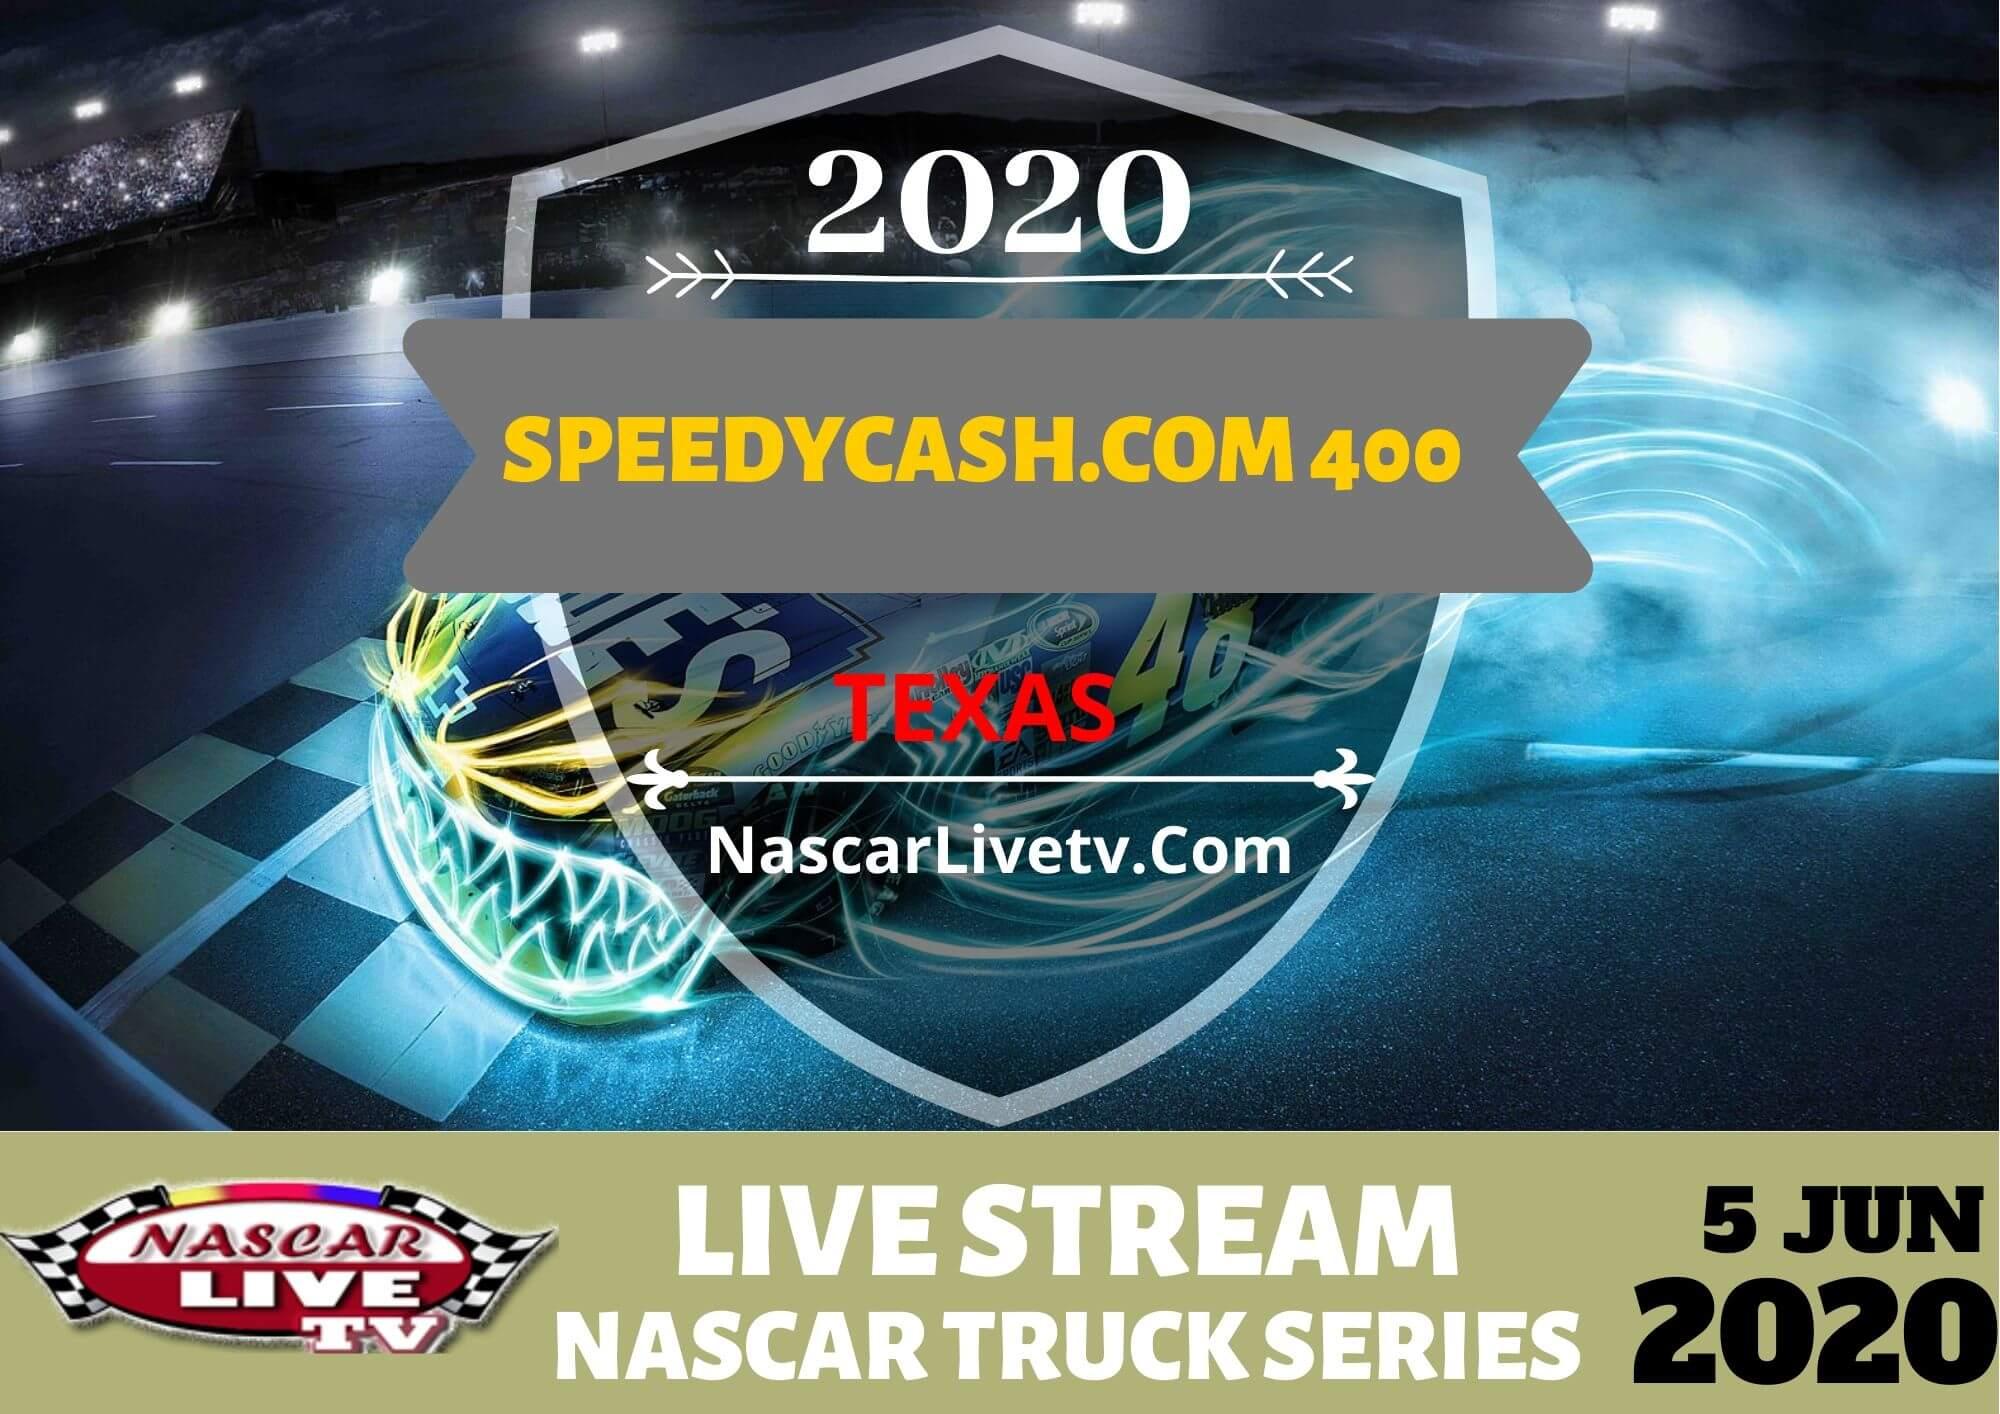 NGOTS SpeedyCash.com 400 Live Stream 2020